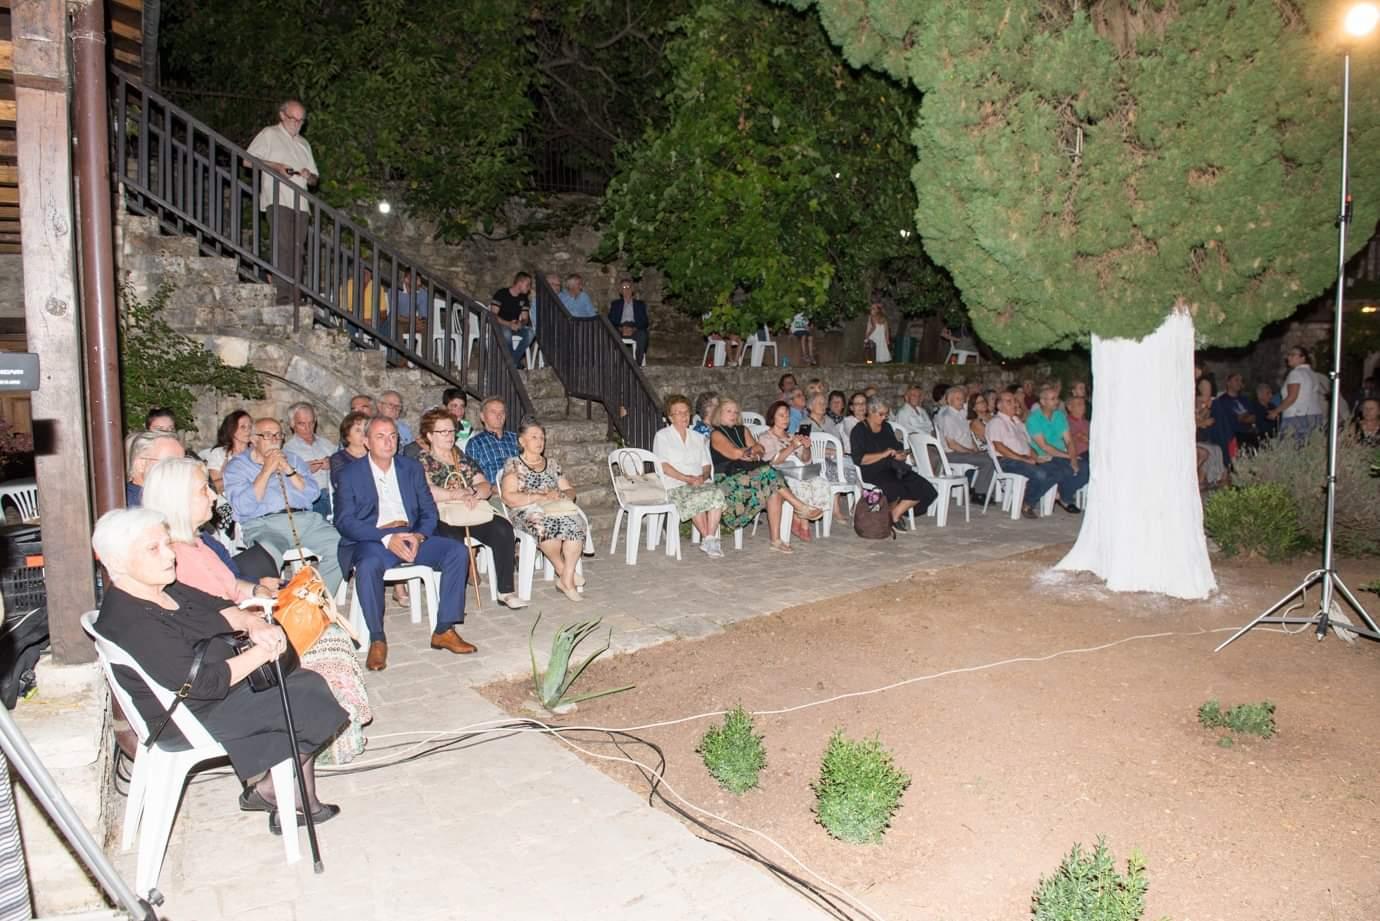 Εκδήλωση στην Ανάληψη Τριχωνίδας για τα Βυζαντινά Μνημεία  (φωτο)